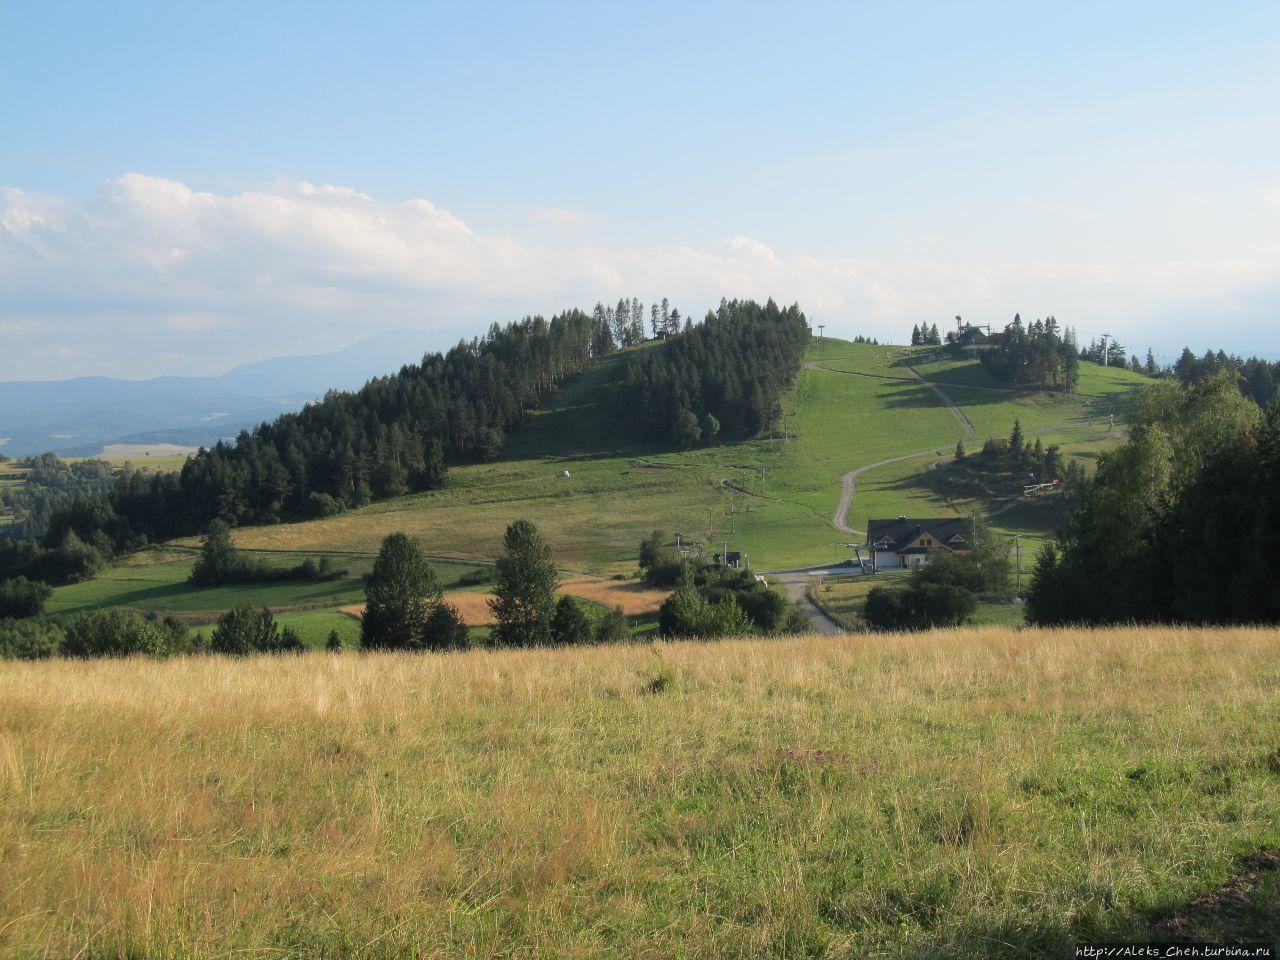 Гора Вджар:лыжные трасы и магнитные аномалии бывшего вулкана